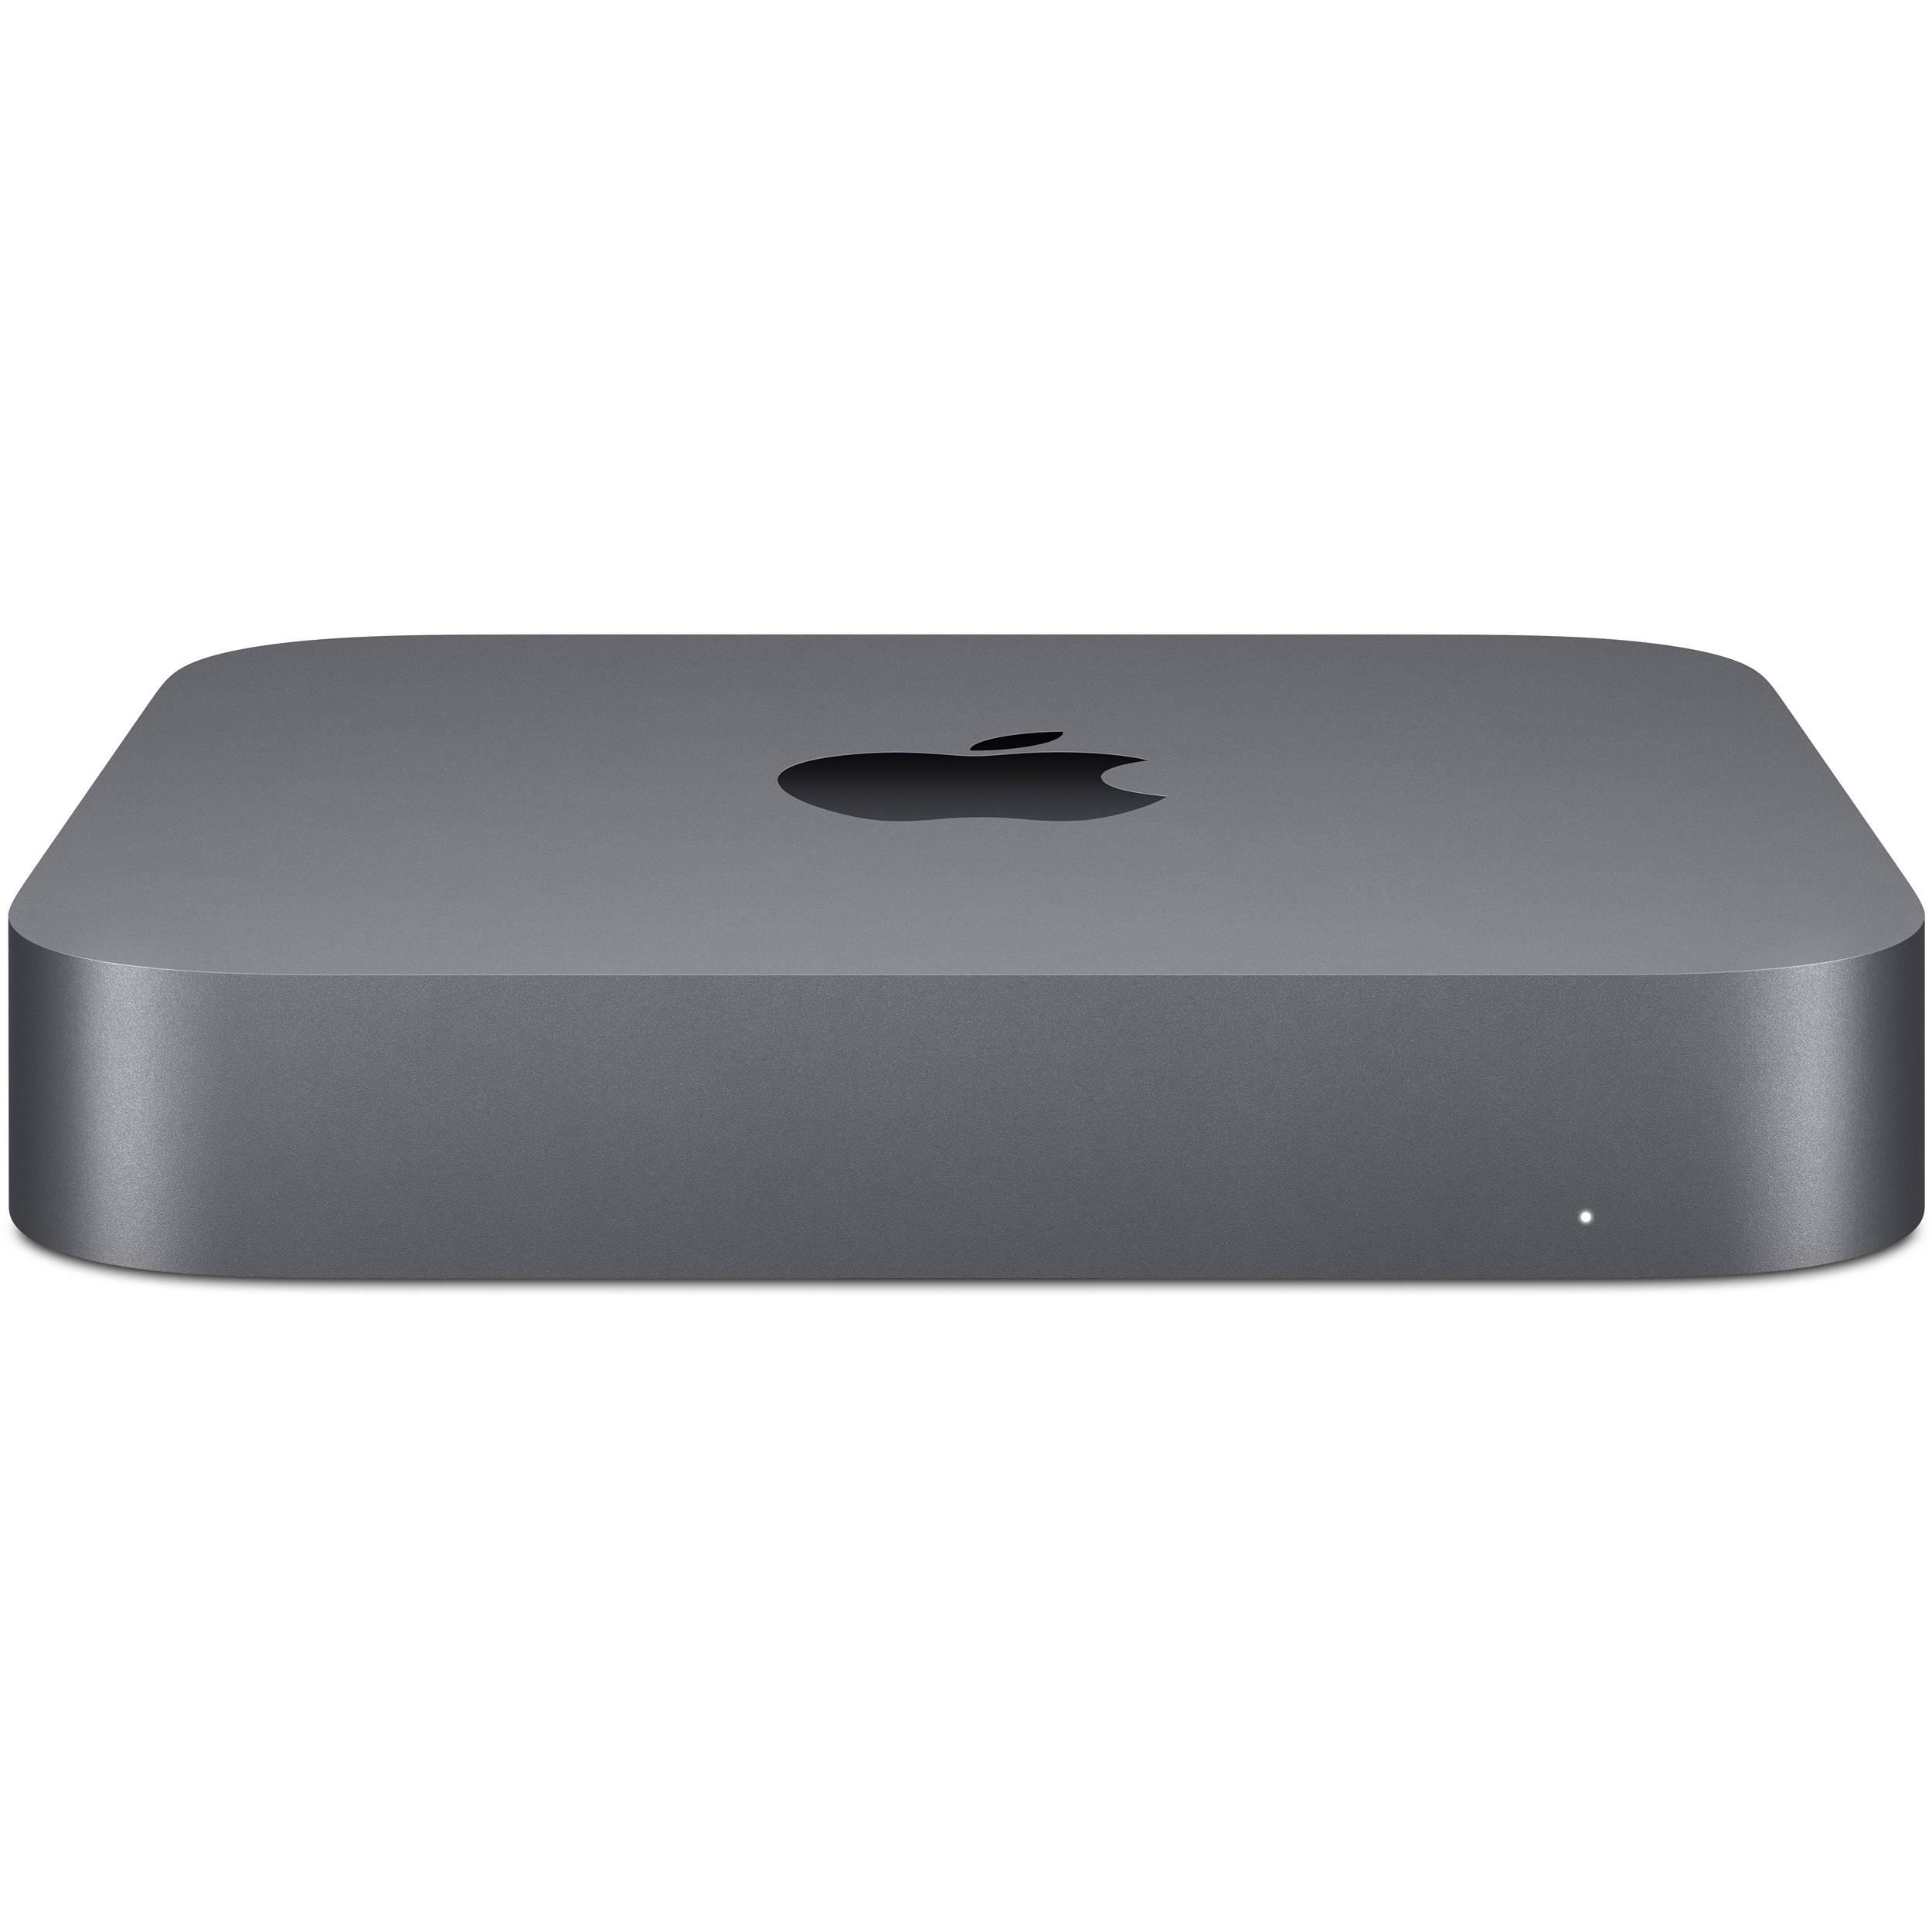 Mac mini -